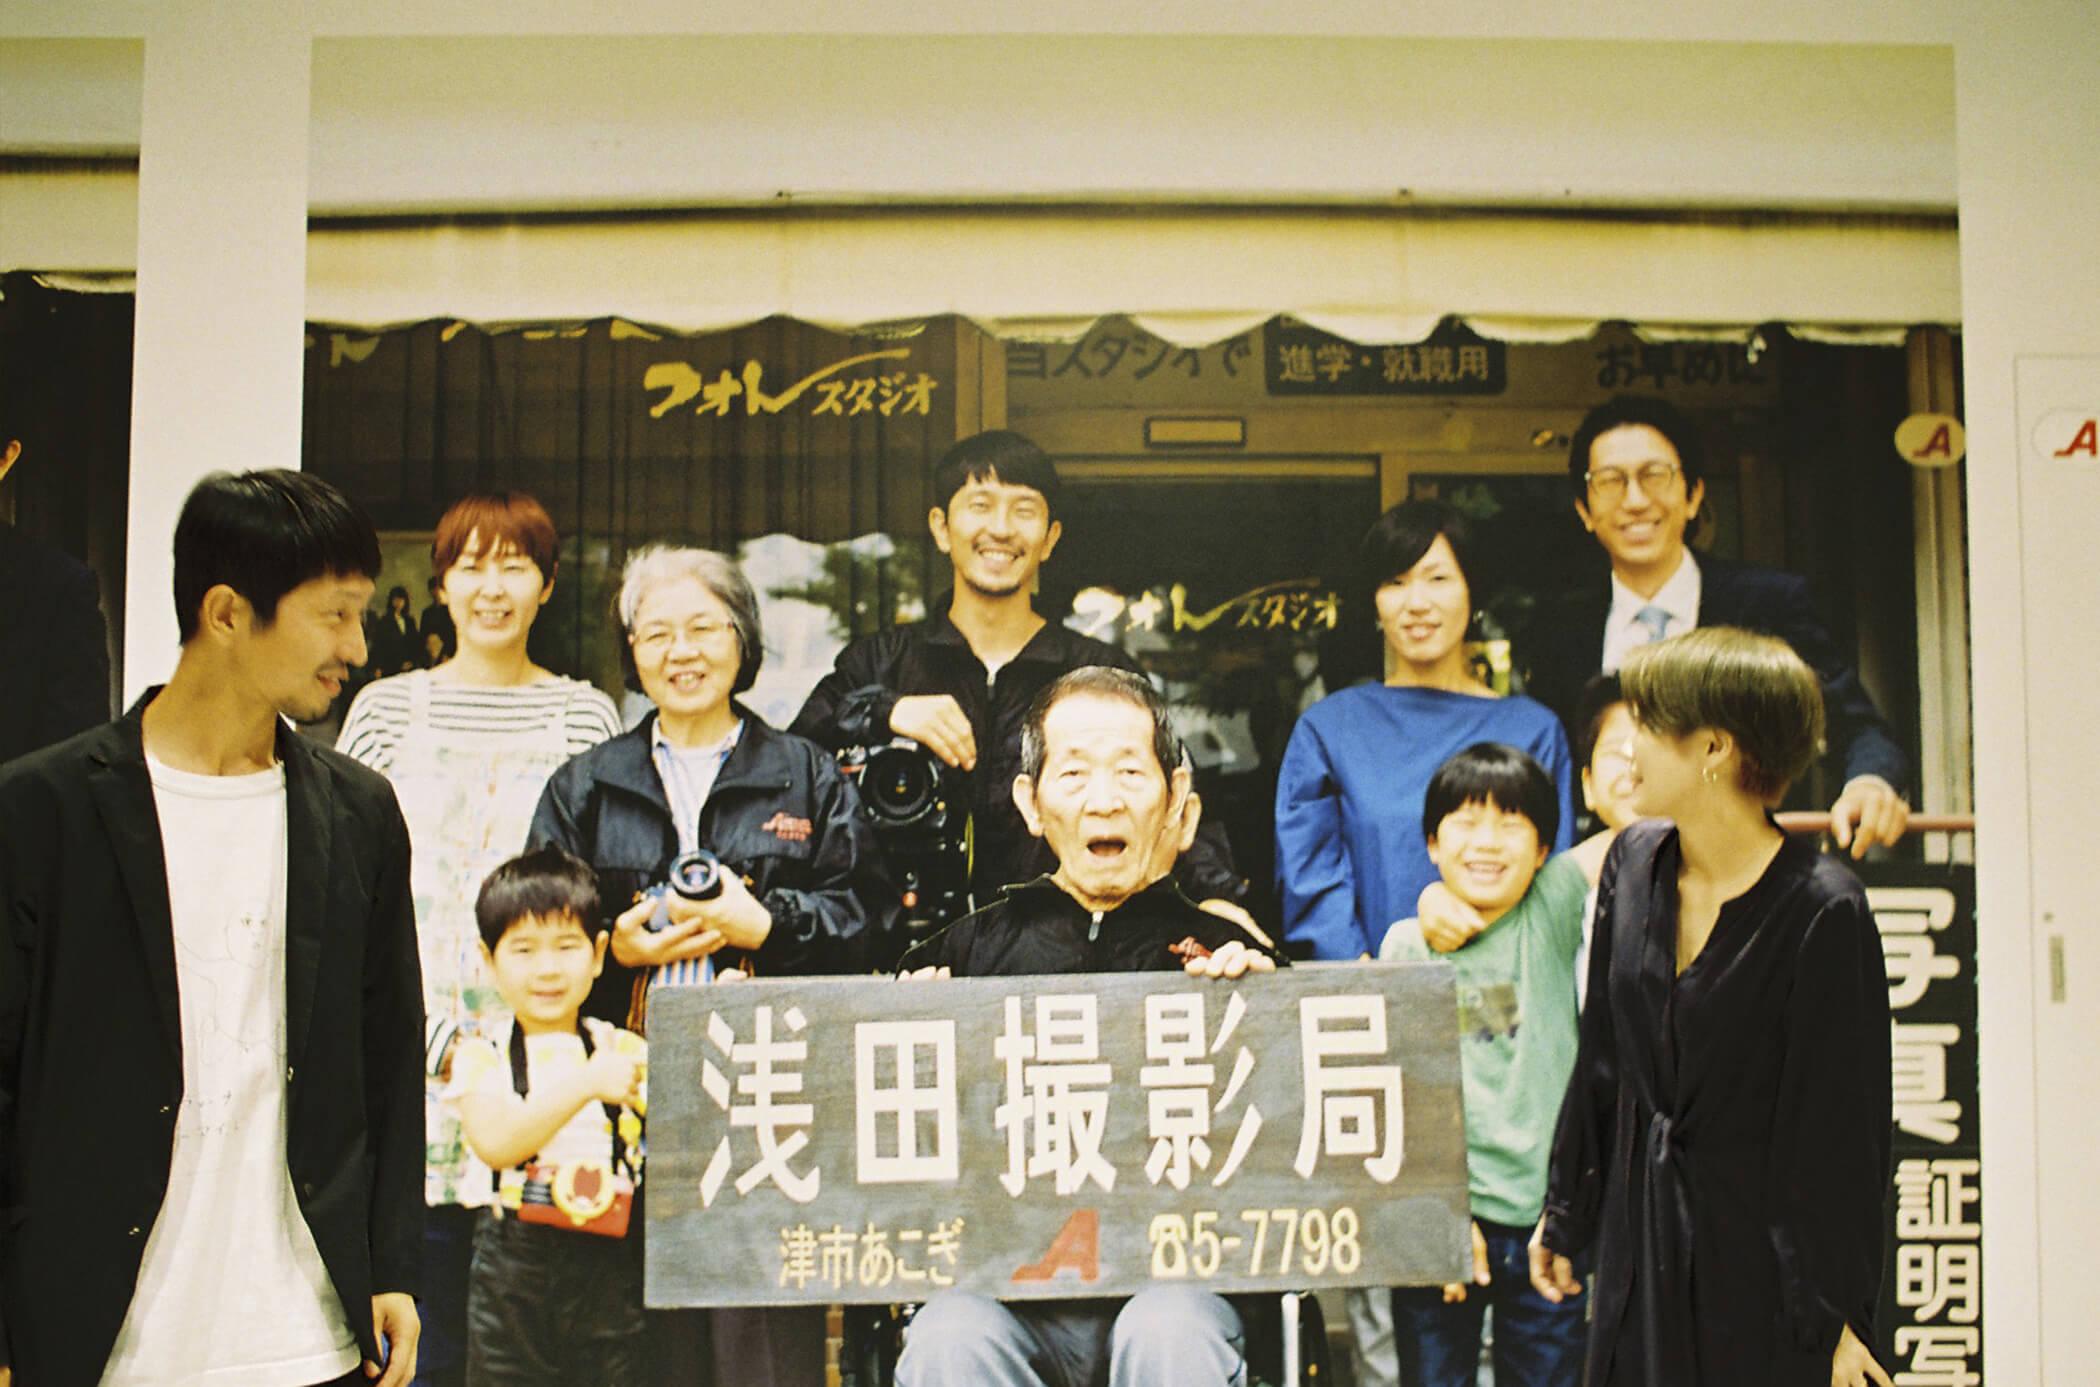 写真展も映画もどっちもね! いろんな角度から『浅田家!』を知ろう。